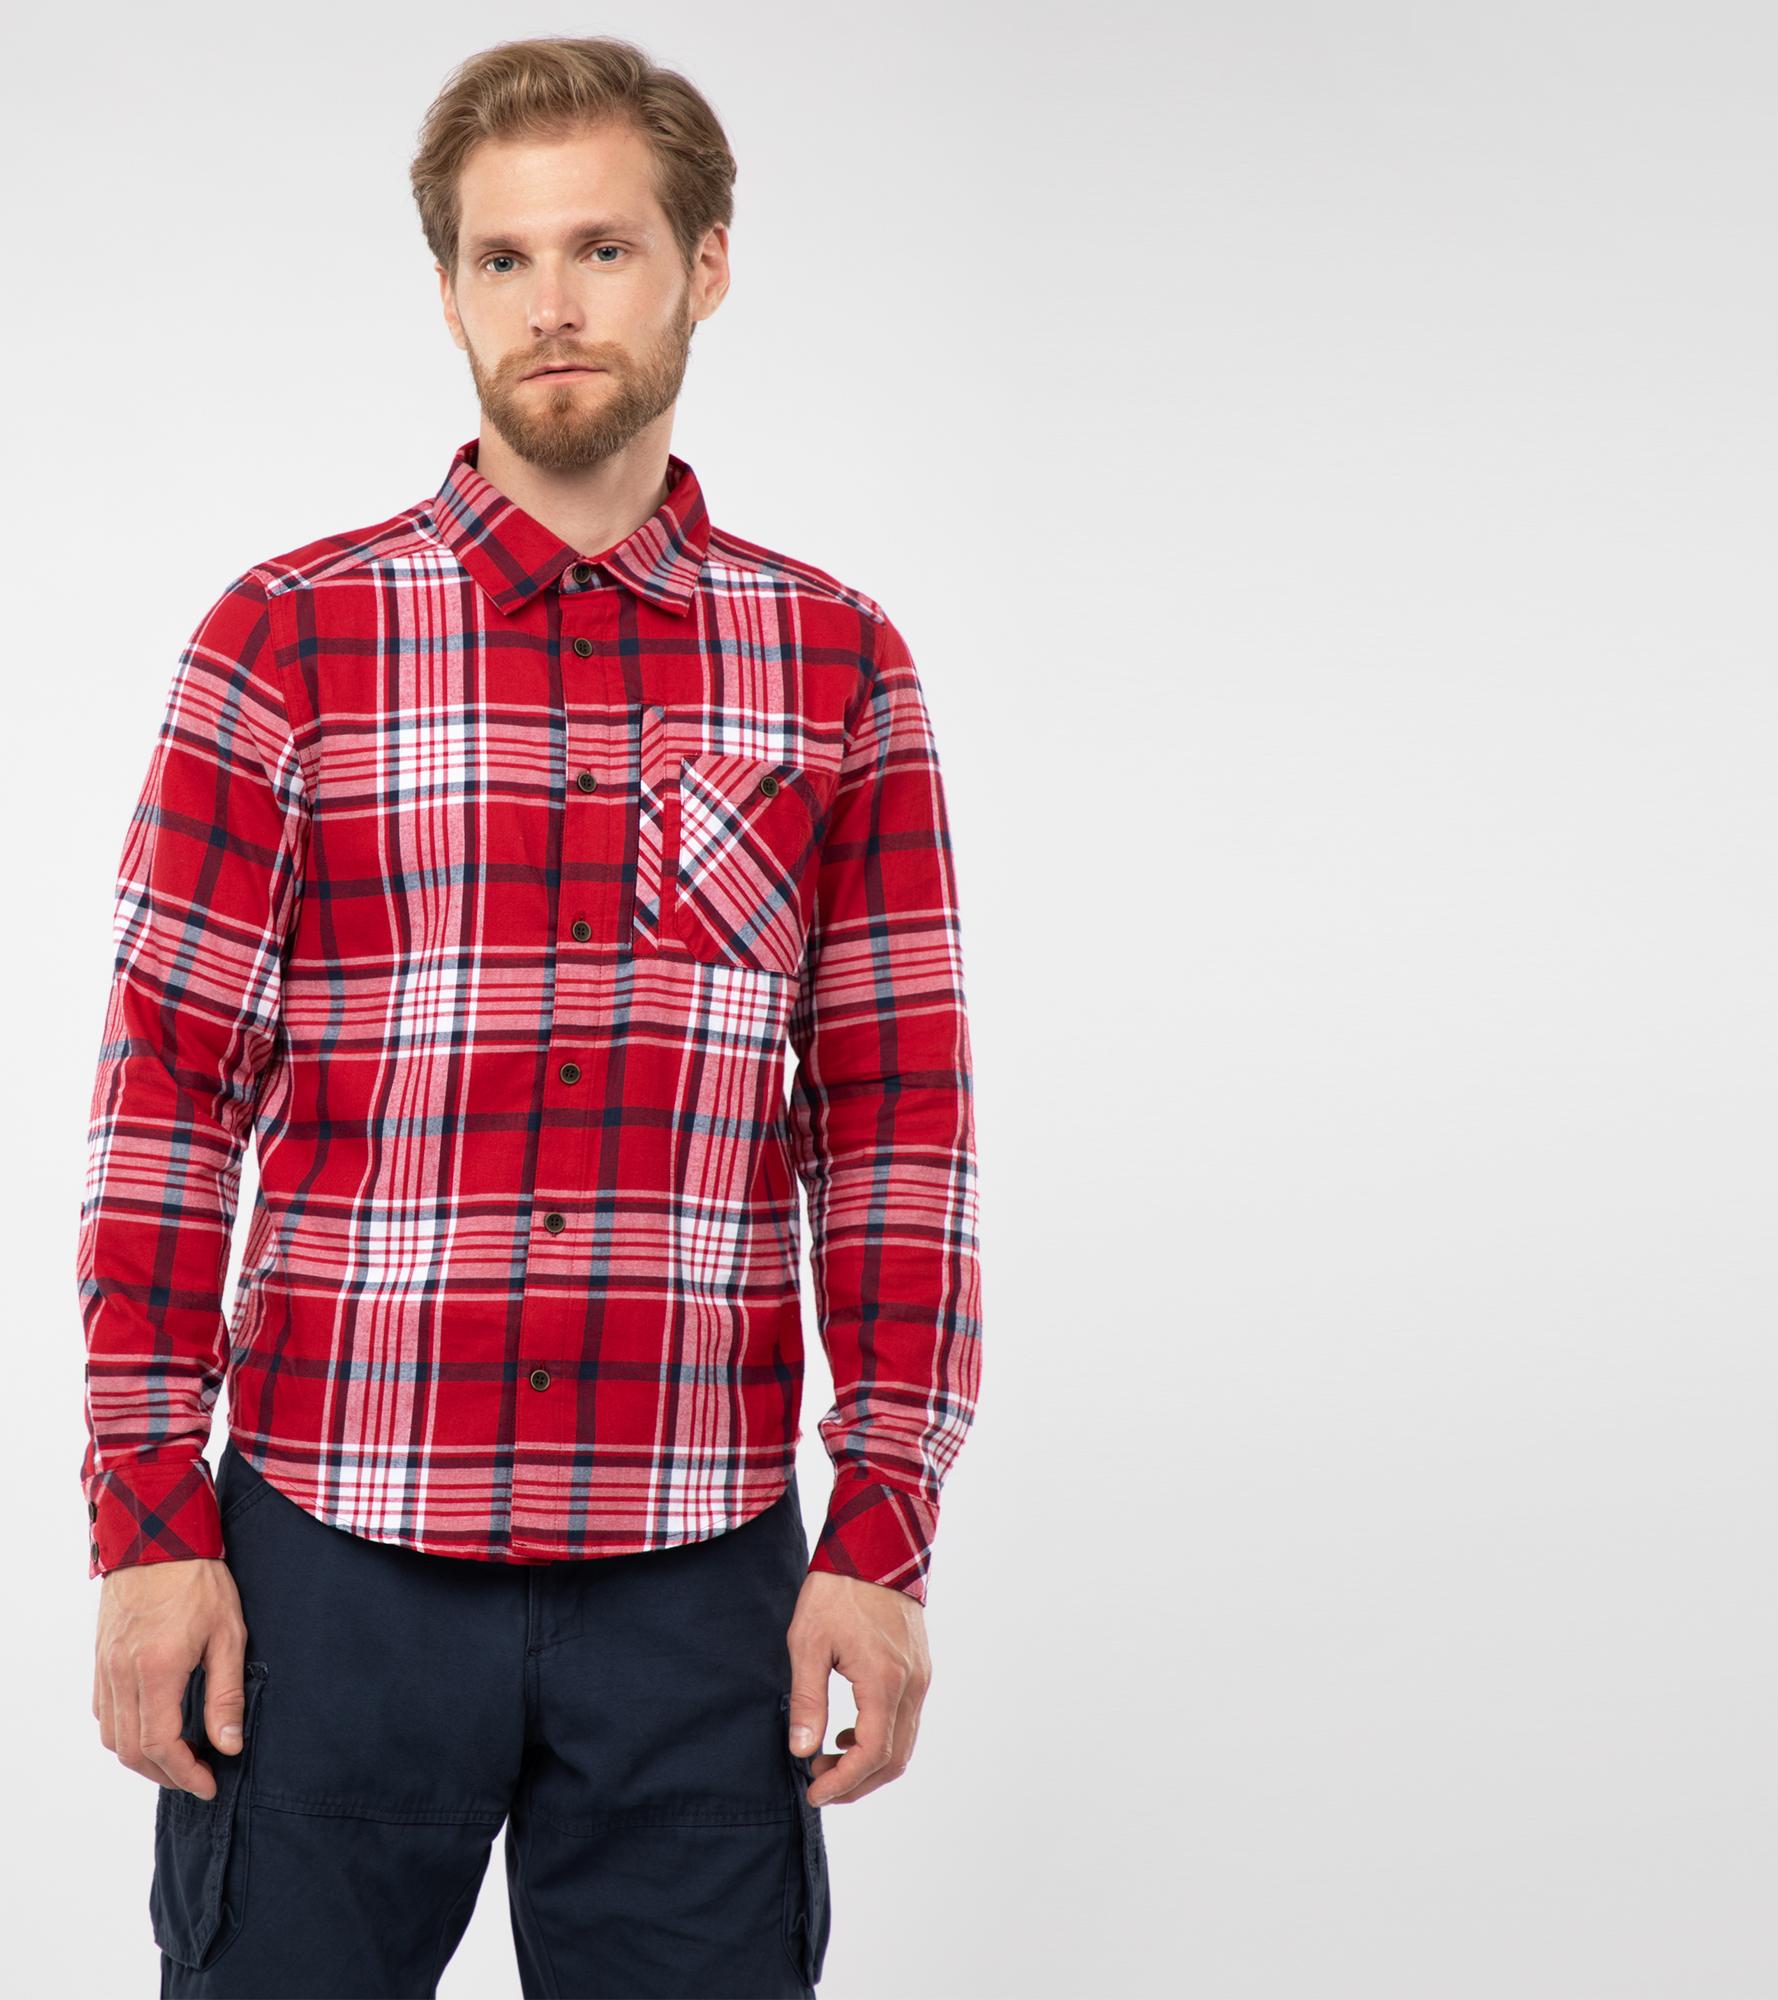 цена Outventure Рубашка мужская Outventure, размер 58 онлайн в 2017 году